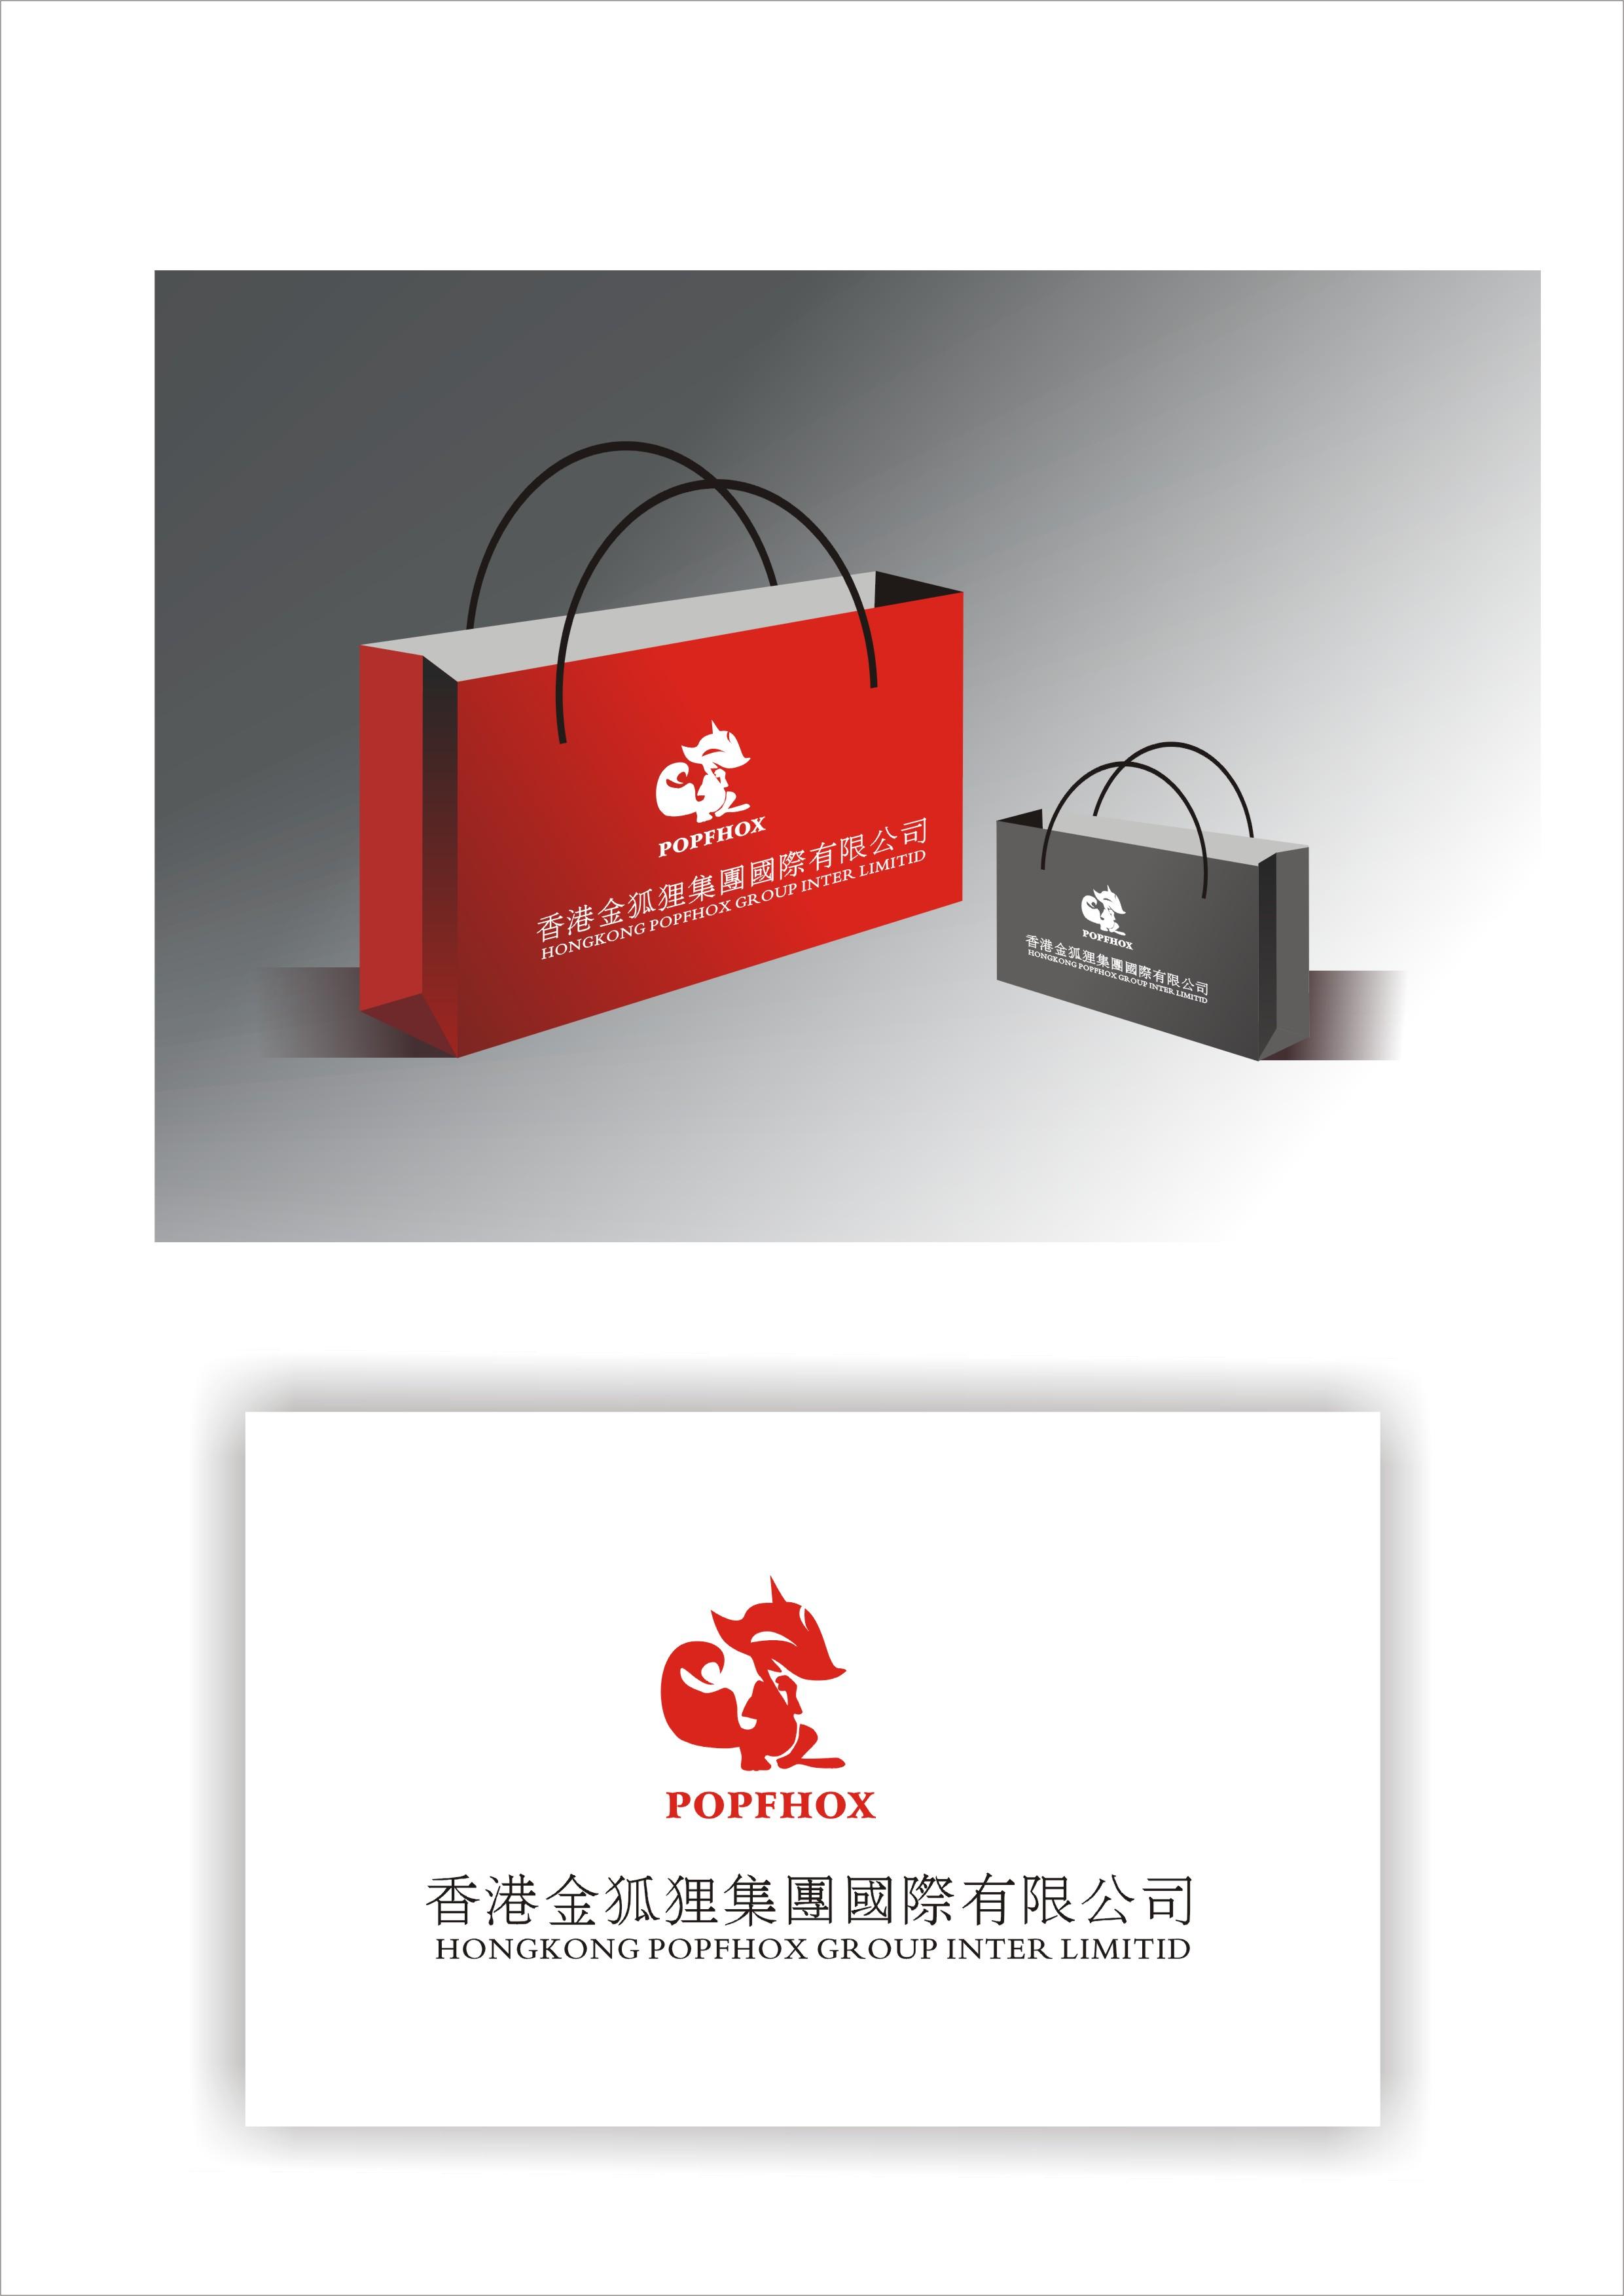 照片管理 鞋盒shoebox 图片合集图片